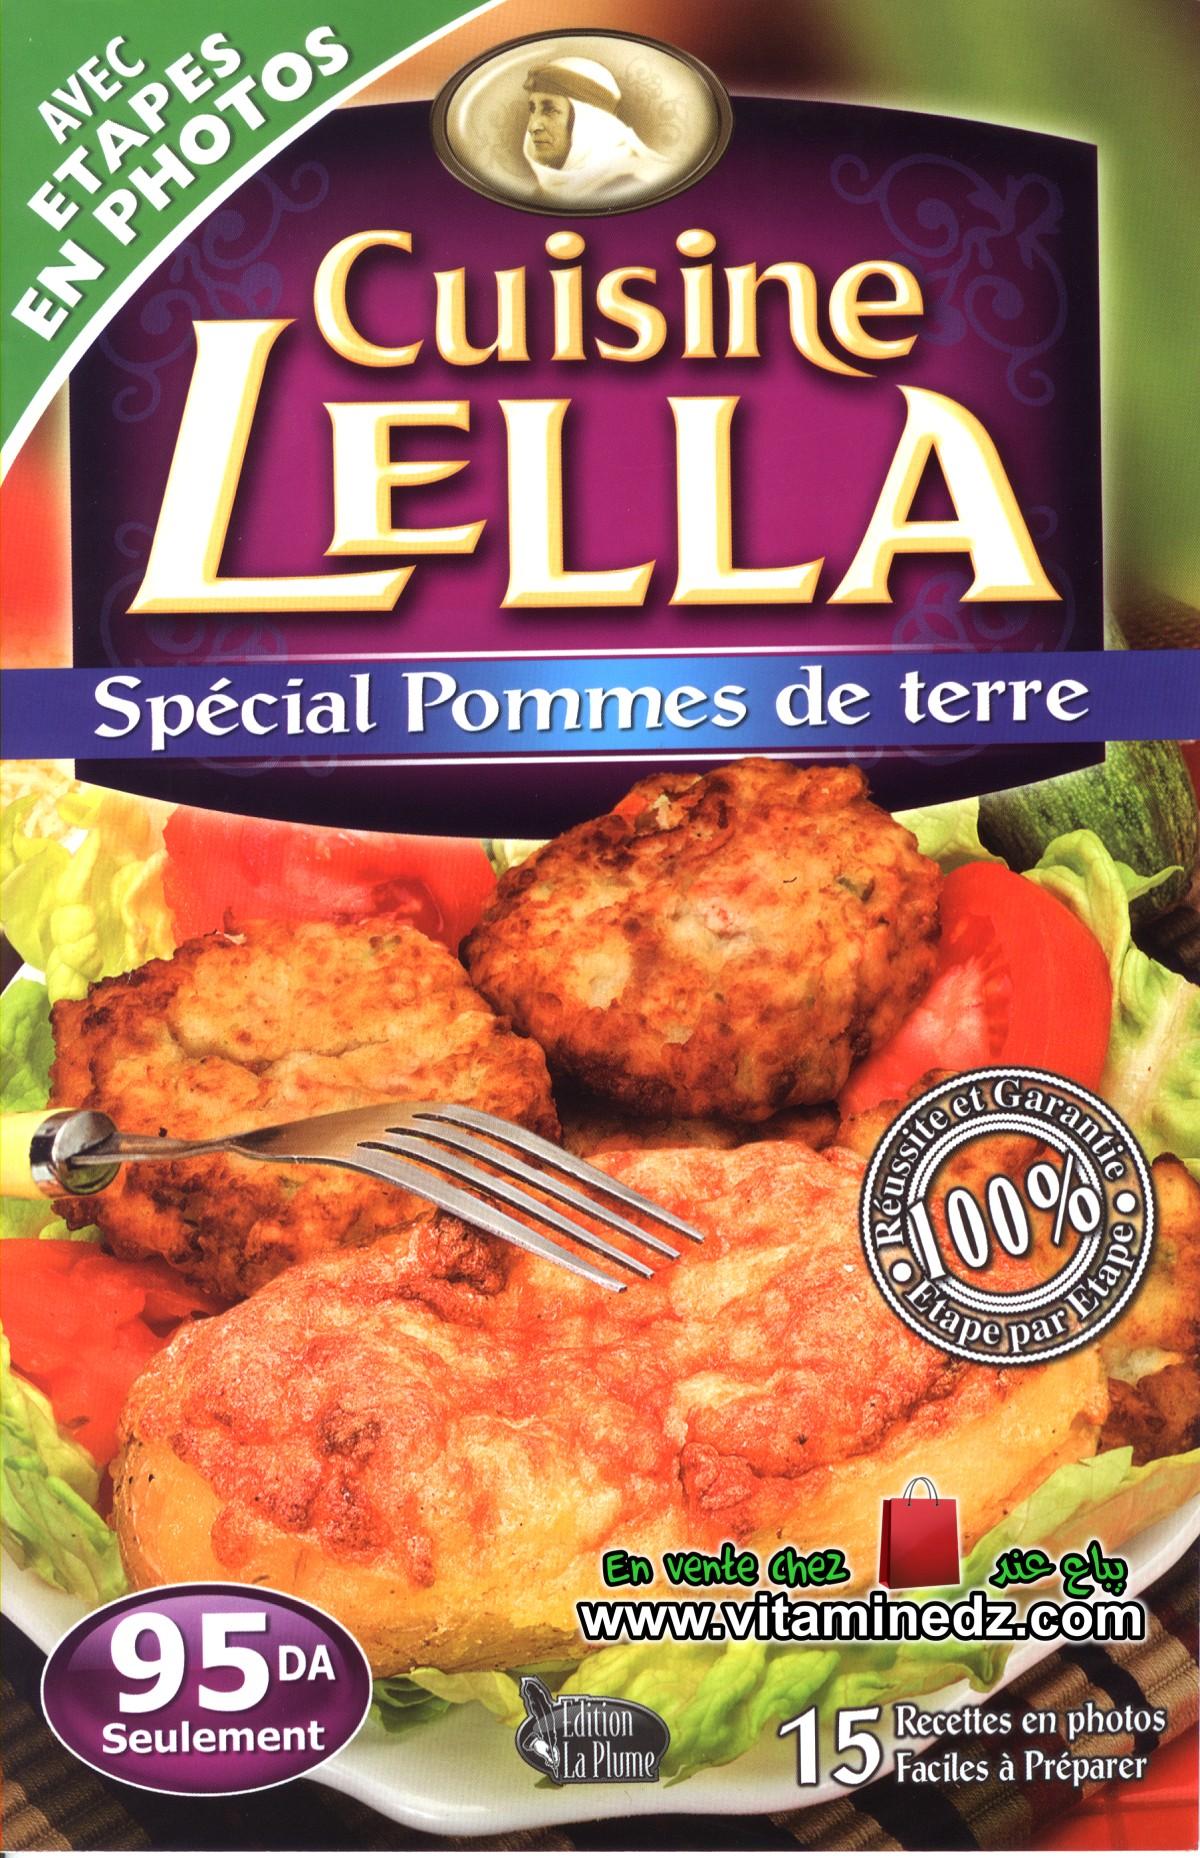 Cuisine Lella - Spécial pommes de terre